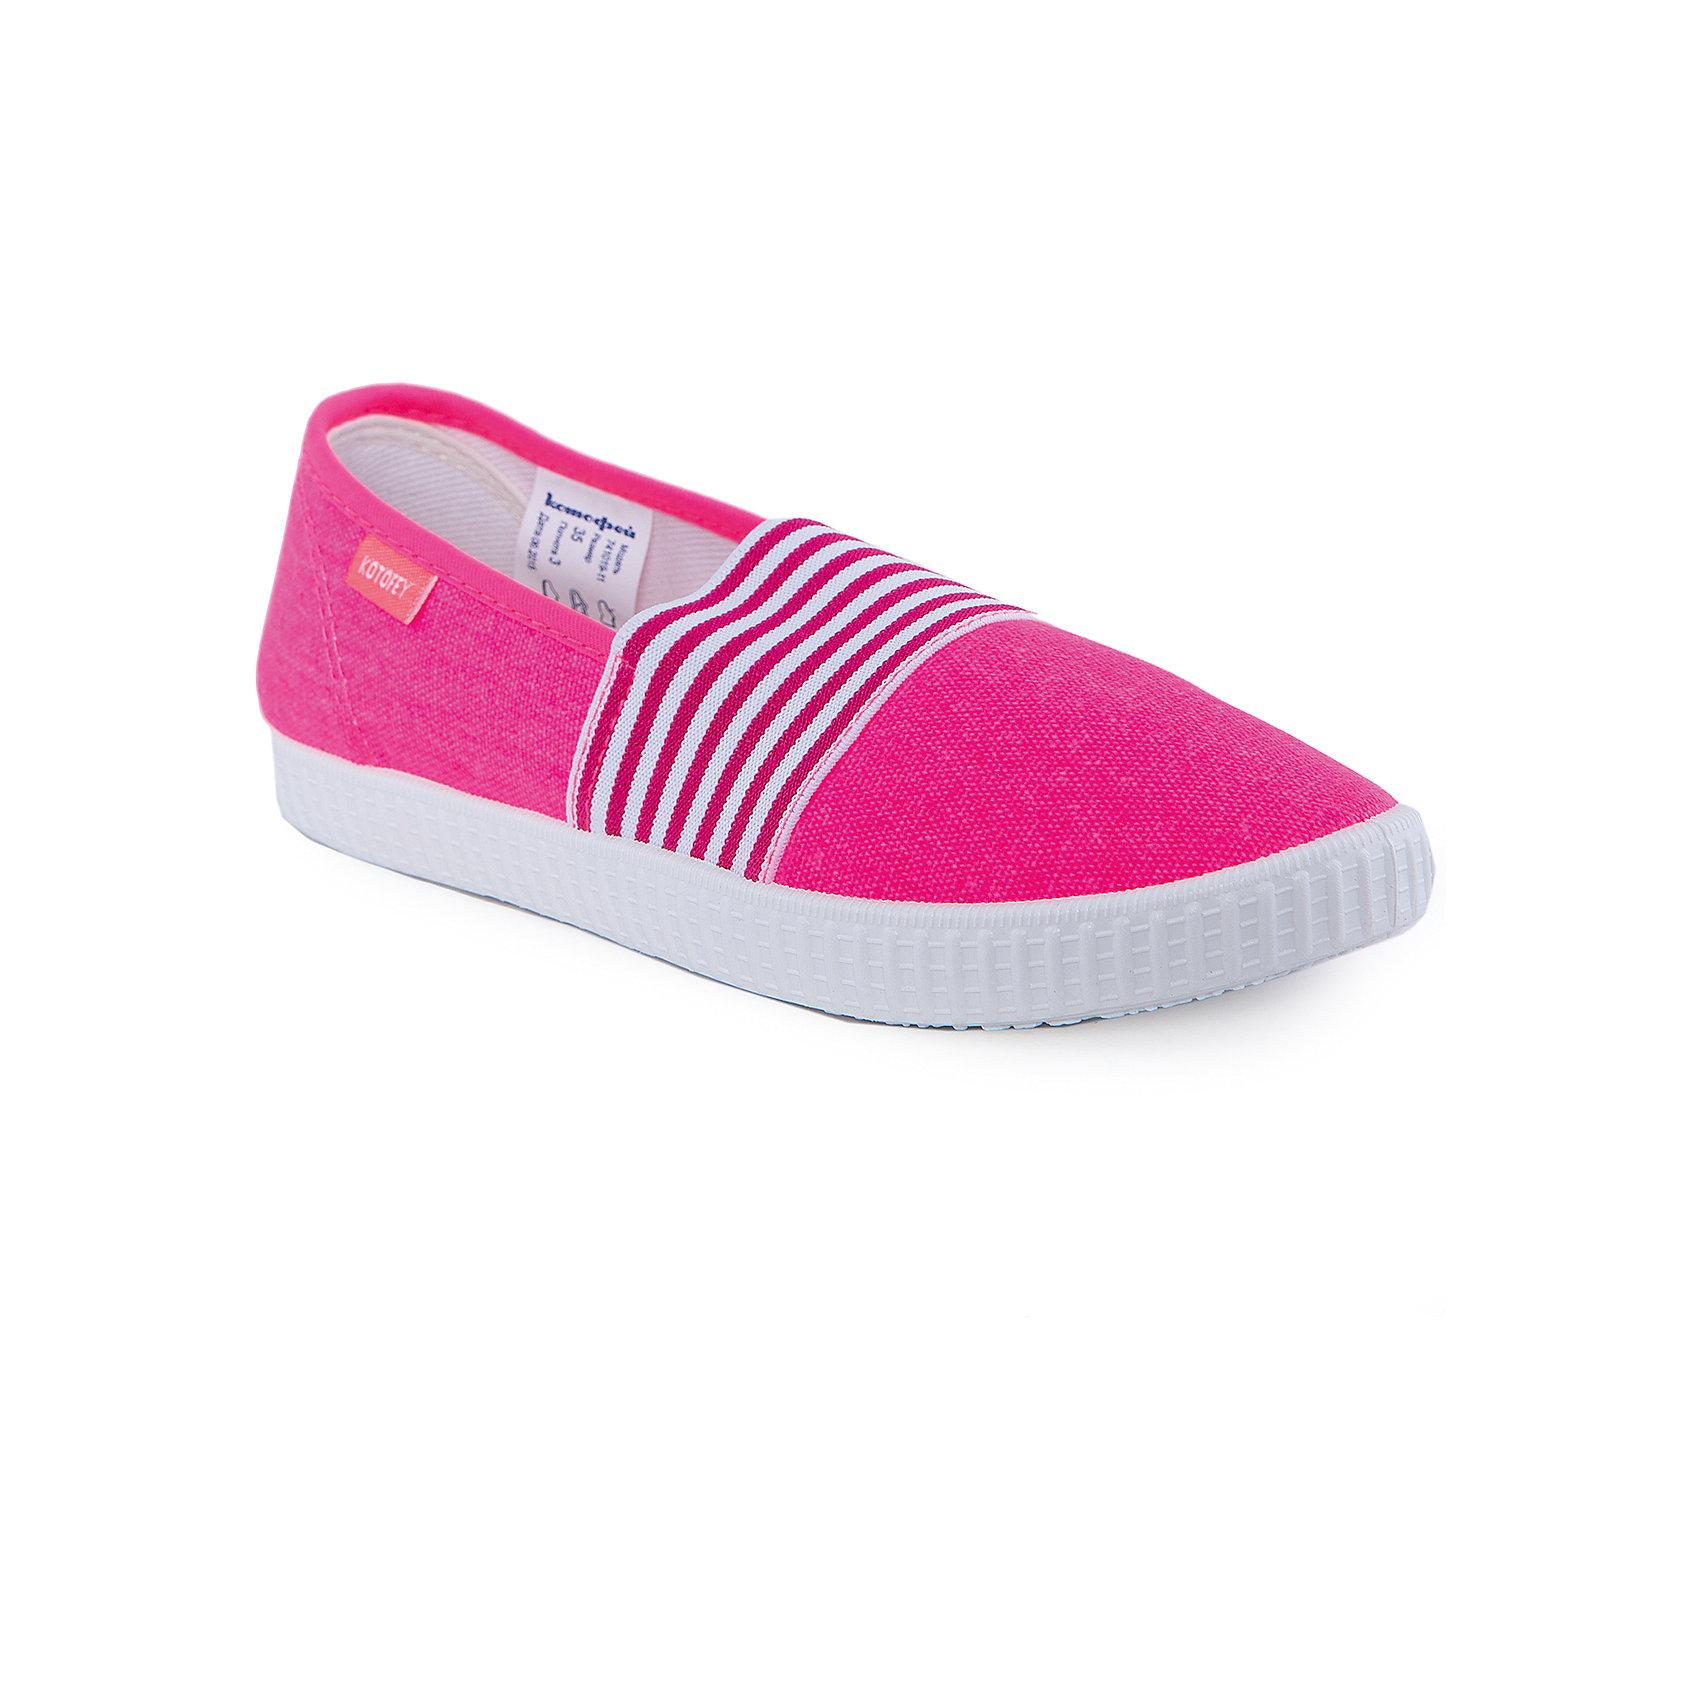 Туфли для девочки КотофейПолуботинки для девочки от известного российского бренда Котофей <br><br>Красивые полуботинки сделаны из материала, обеспечивающего воздухопроницаемость и вентиляцию ноги. Очень легко надеваются. <br>Специальная подошва позволяет избегать скольжения практически на любой поверхности.<br><br>Особенности модели:<br><br>- цвет: розовый;<br>- нескользящая подошва;<br>- декорированы полосатой резинкой;<br>- вид крепления обуви: клеевой;<br>- качественные материалы;<br>- без застежки;<br>- модный дизайн.<br><br><br>Дополнительная информация:<br><br>Состав: <br><br>верх - текстиль;<br>подкладка - текстиль;<br>подошва - ПВХ.<br><br>Полуботинки для девочки Котофей можно купить в нашем магазине.<br><br>Ширина мм: 262<br>Глубина мм: 176<br>Высота мм: 97<br>Вес г: 427<br>Цвет: фуксия<br>Возраст от месяцев: 144<br>Возраст до месяцев: 156<br>Пол: Женский<br>Возраст: Детский<br>Размер: 36,35,37,39,40,38<br>SKU: 4565764